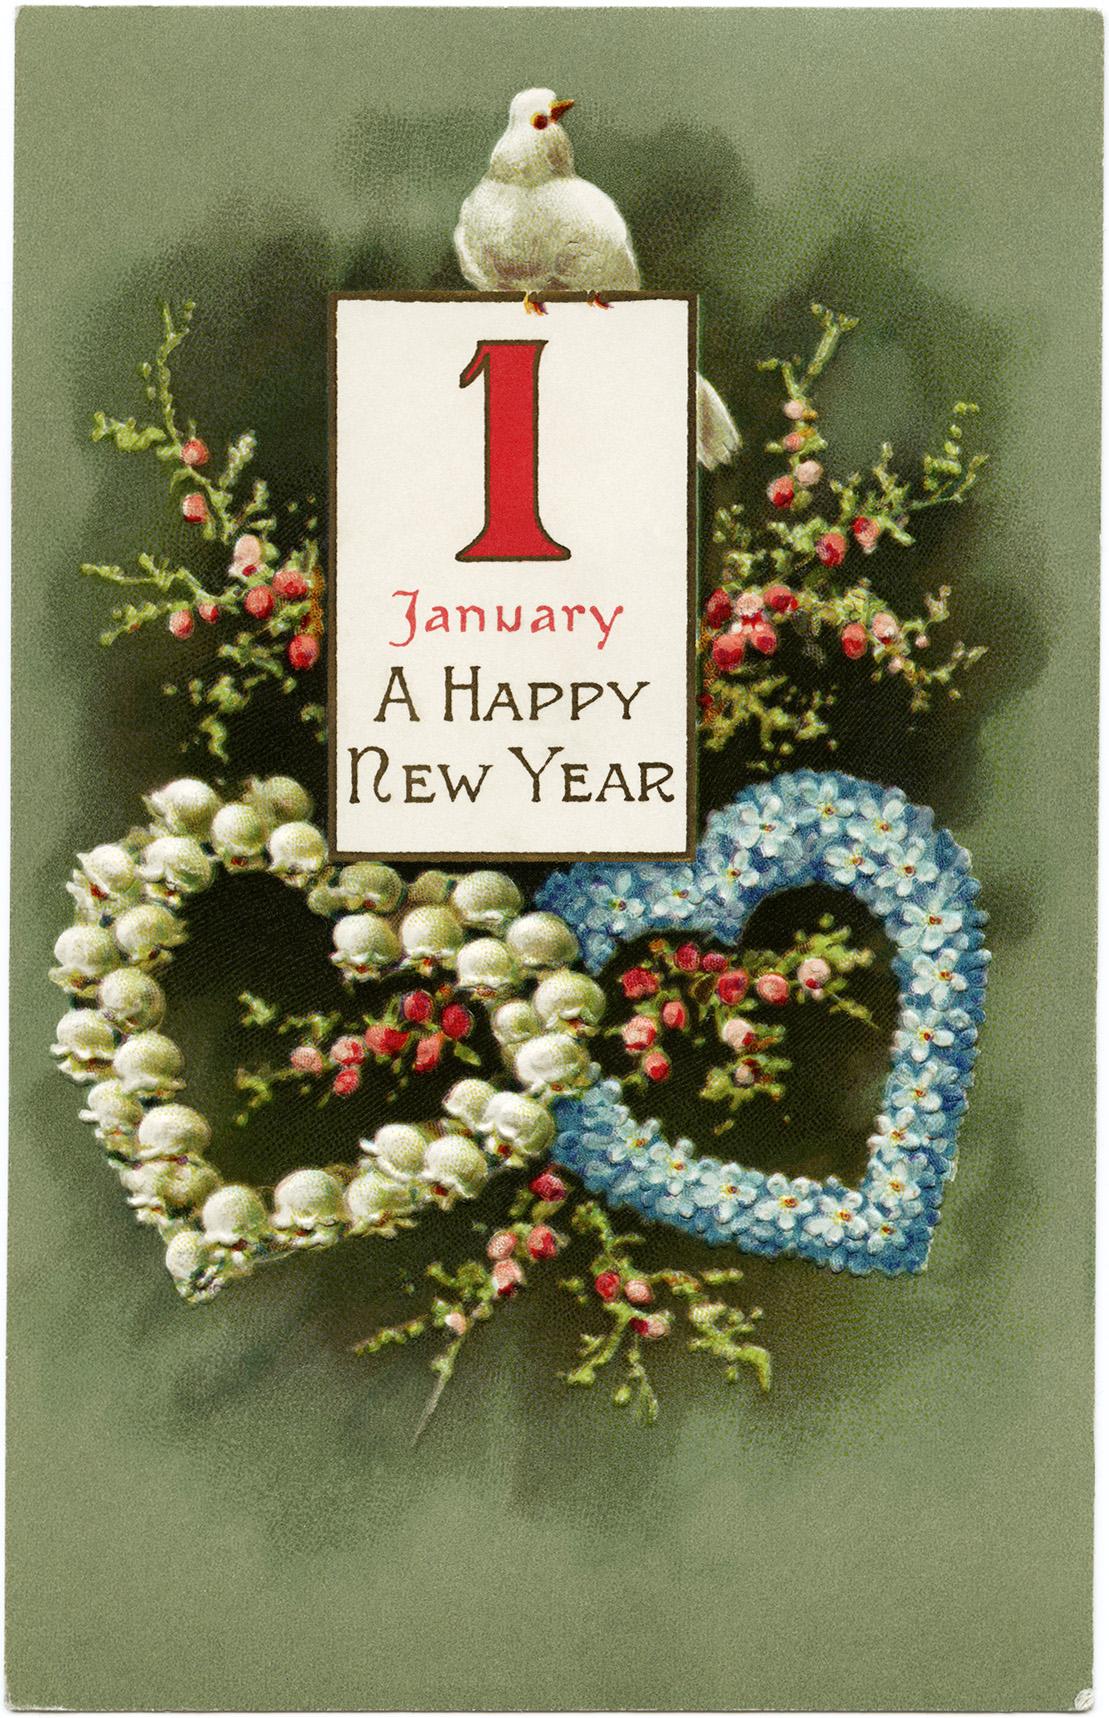 January 1 Vintage New Year Postcard Old Design Shop Blog